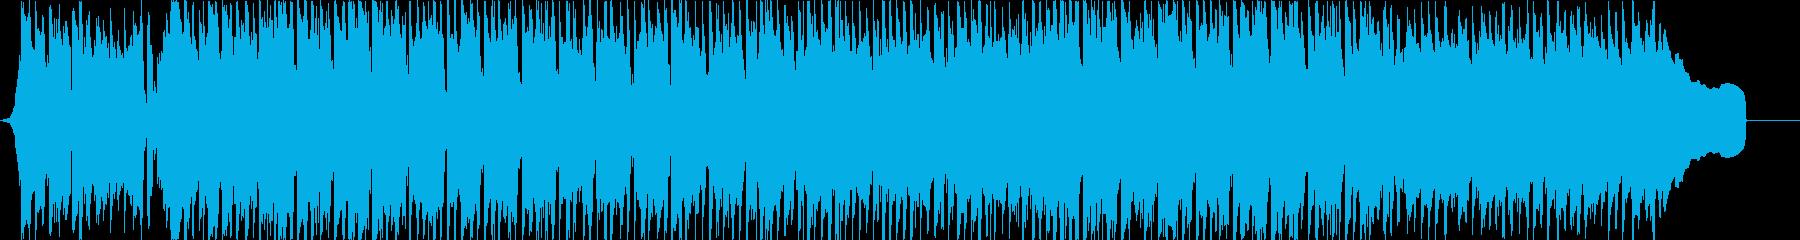 楽しいおしゃべりを演出するフォーク1フルの再生済みの波形